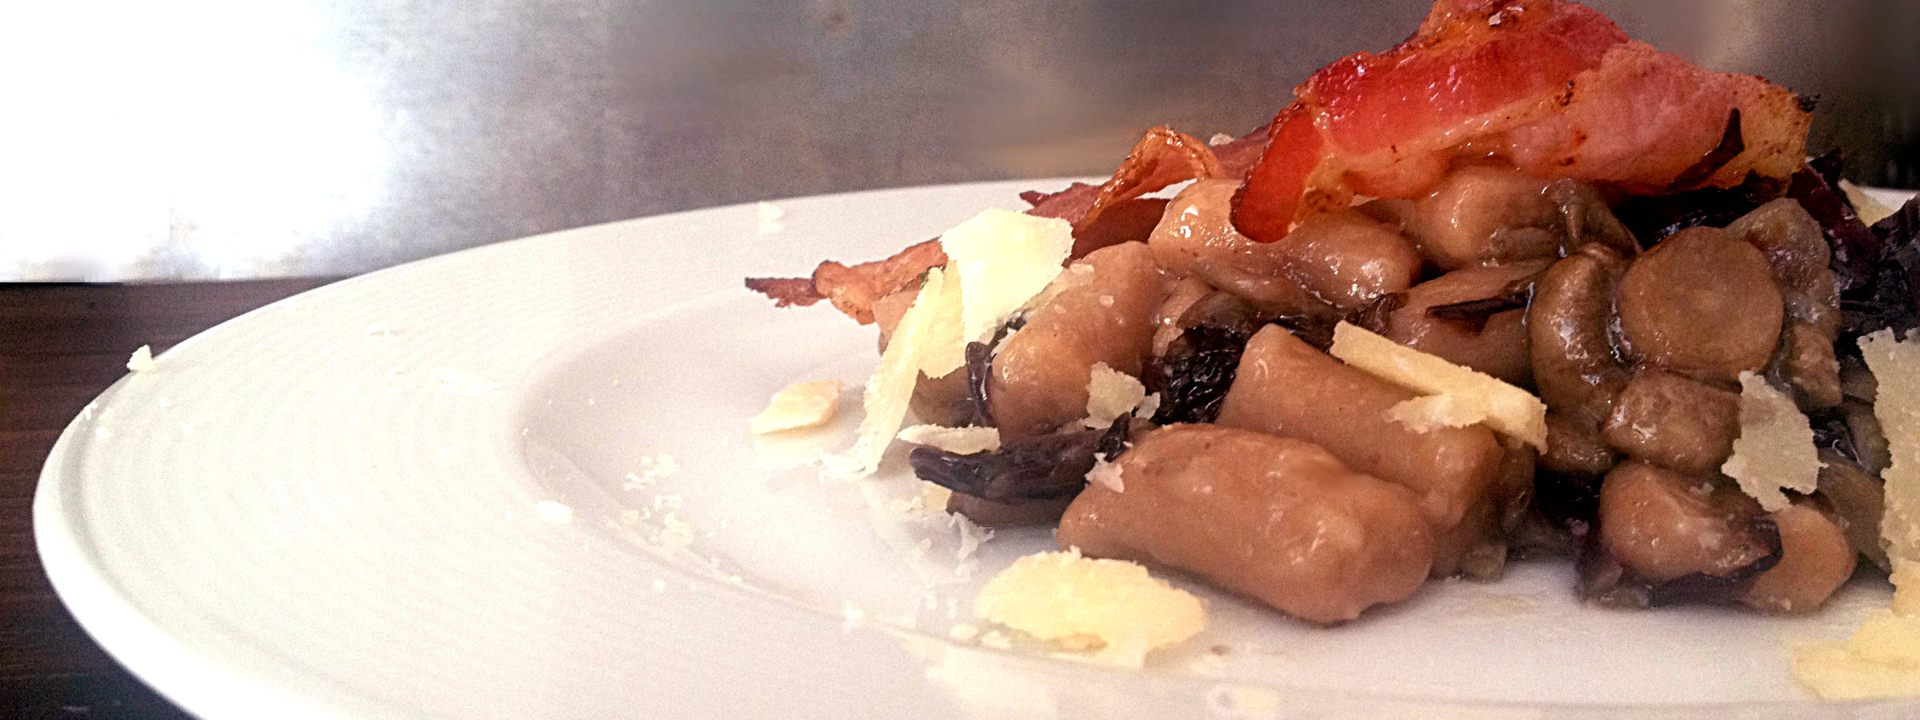 Gnocchi con farina di castagne, funghi, radicchio e rigatino croccante